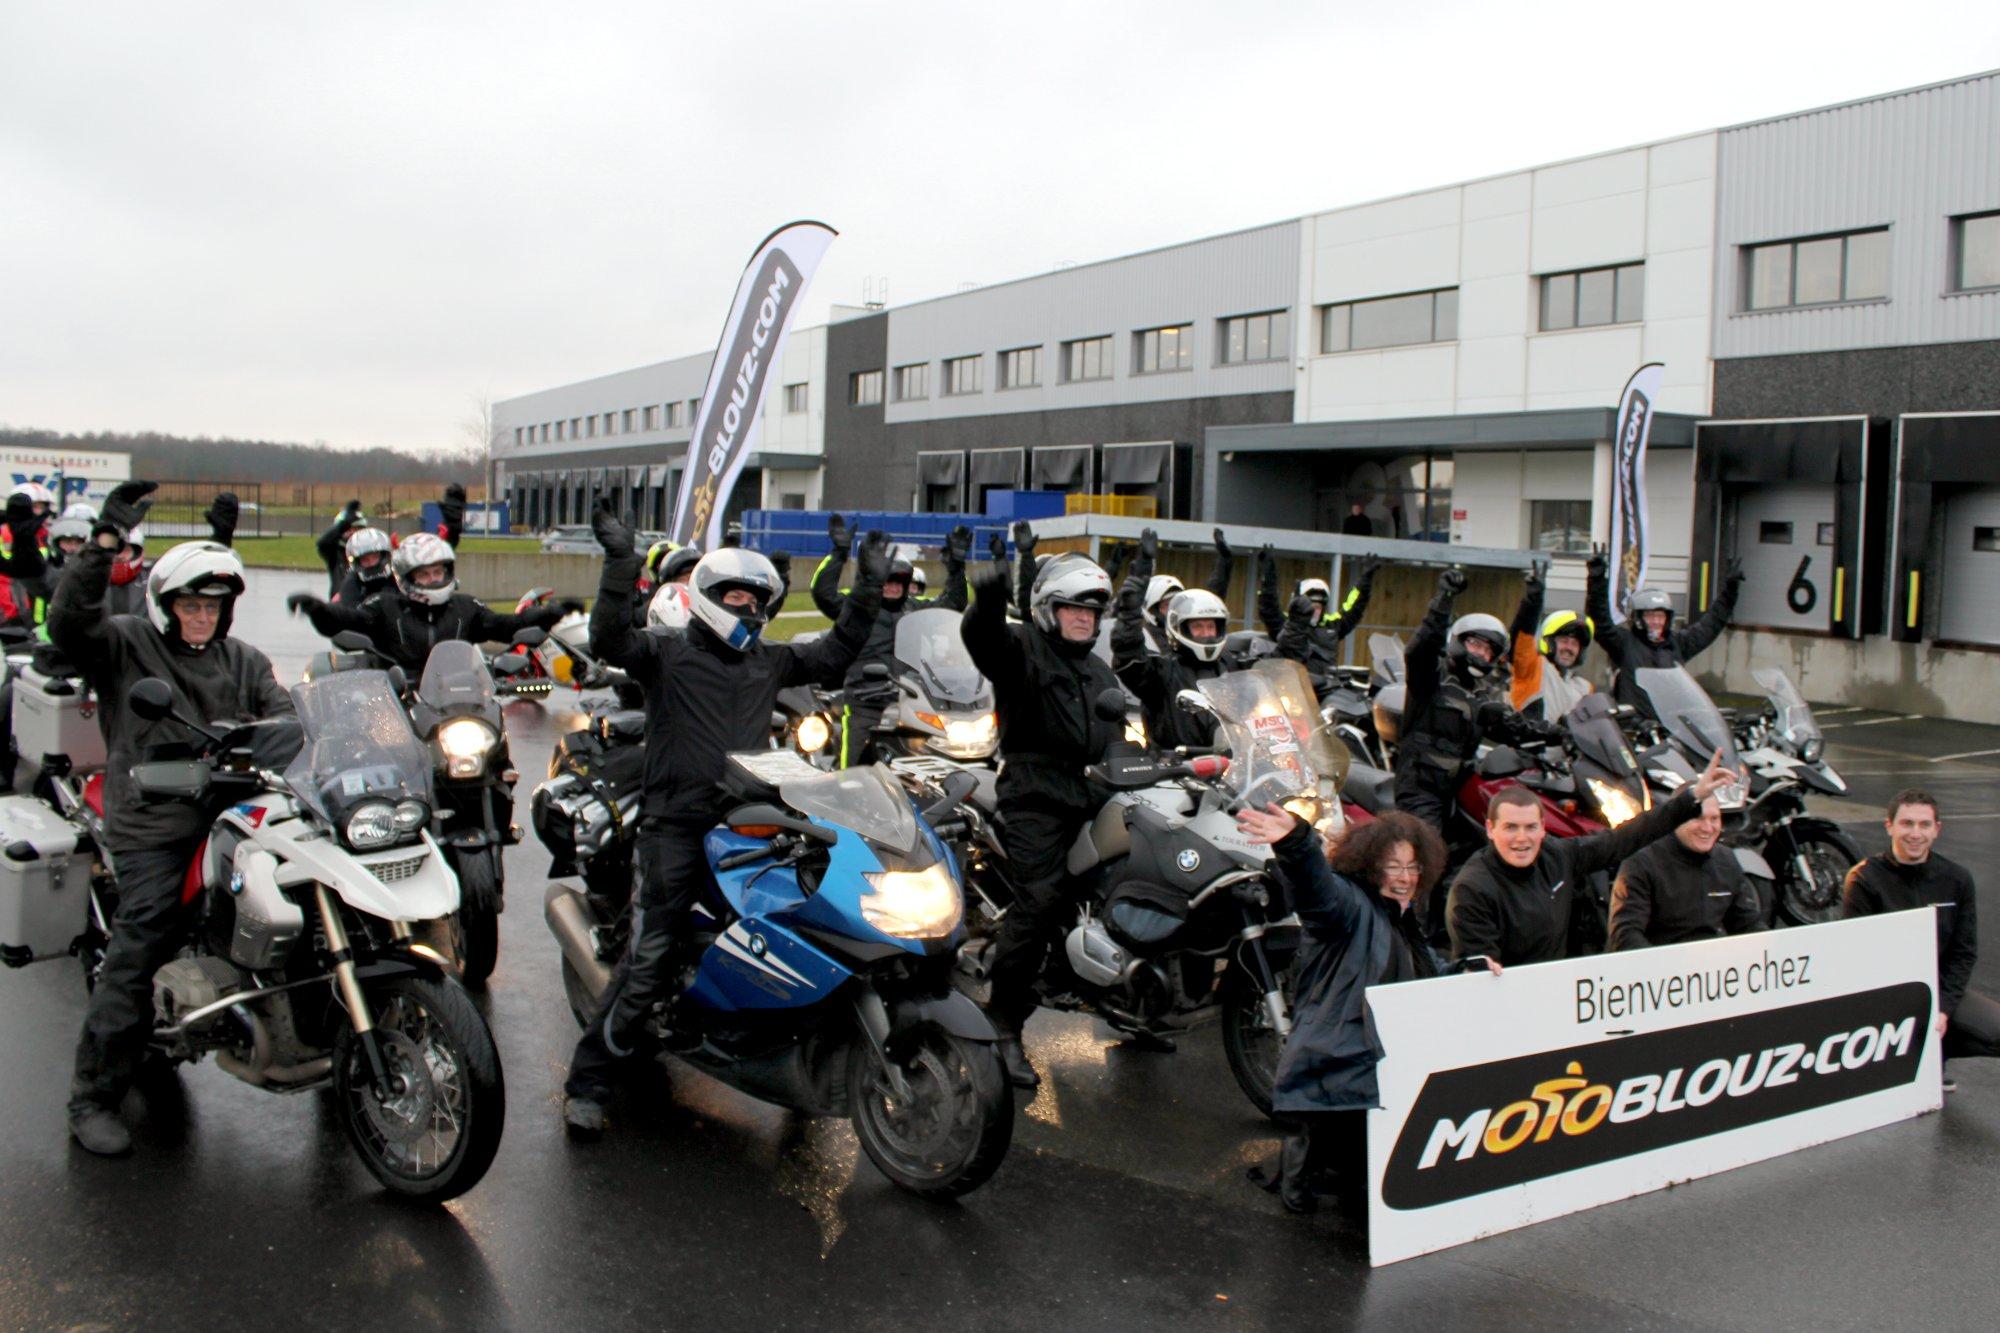 Top départ ! Réchauffés, les participants de l'Hivernale Moto Journal 2014 entament leur périple